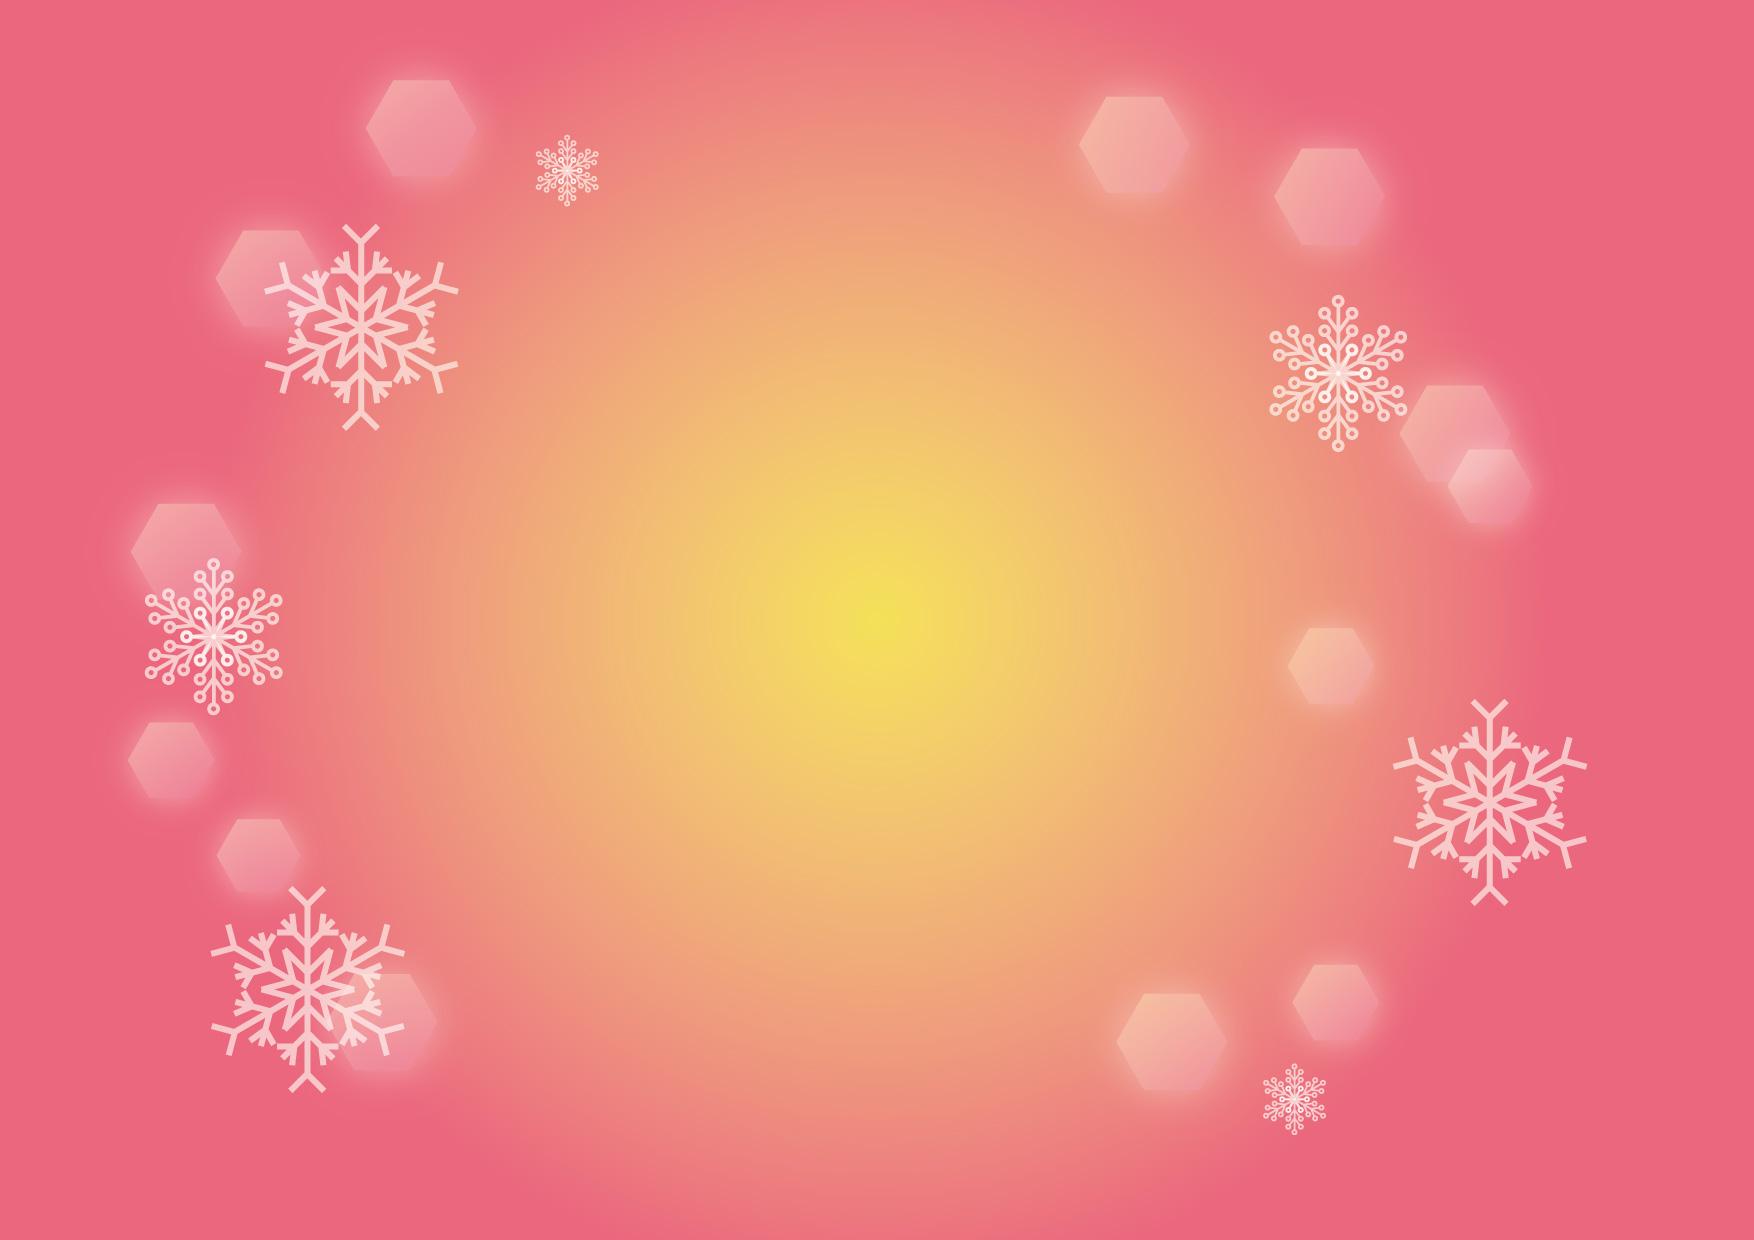 可愛いイラスト無料|雪の結晶 背景 ピンク − free illustration Snowflakes background pink